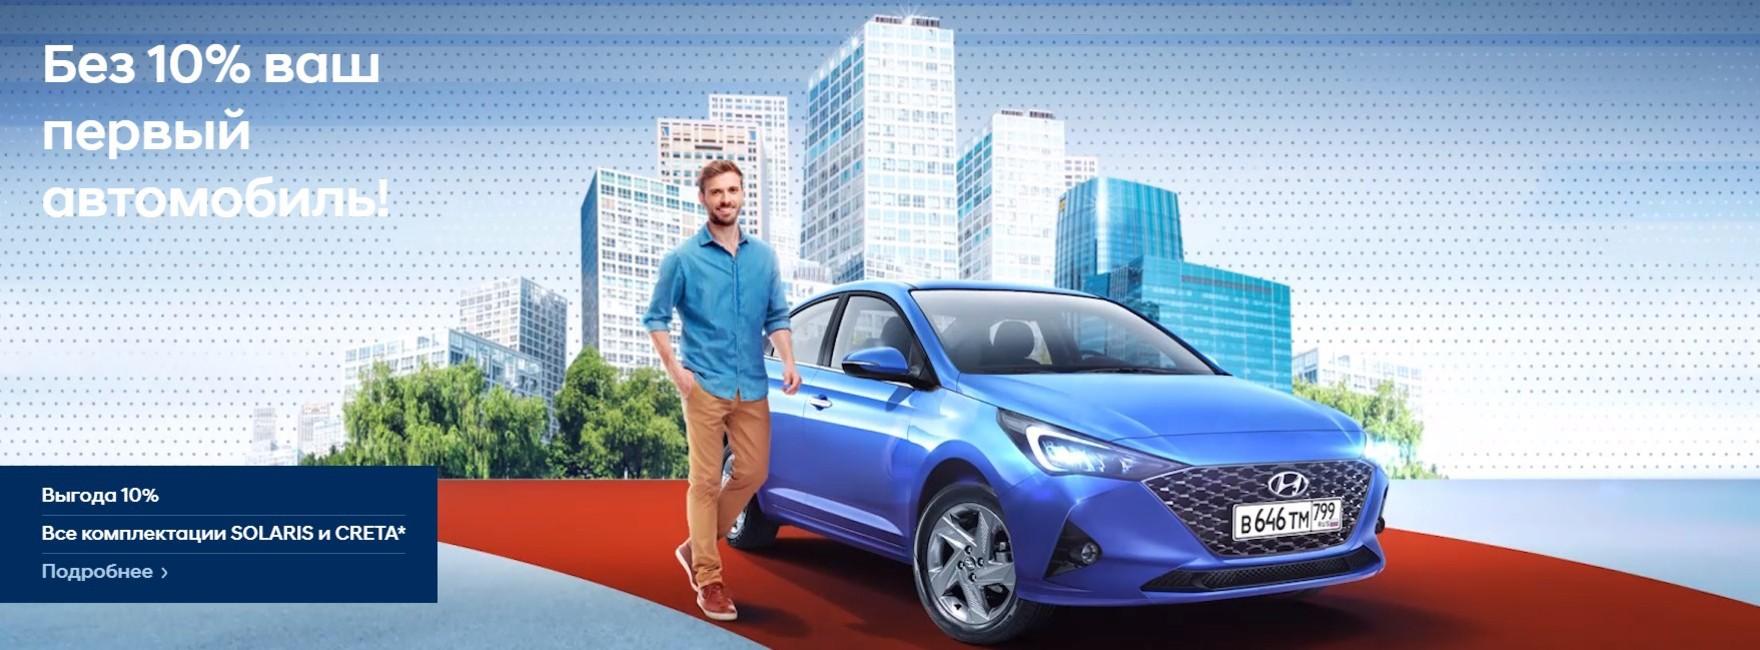 Автосалон хендай в москве официальный дилер автомобили в наличии сроки возврата денег за авто